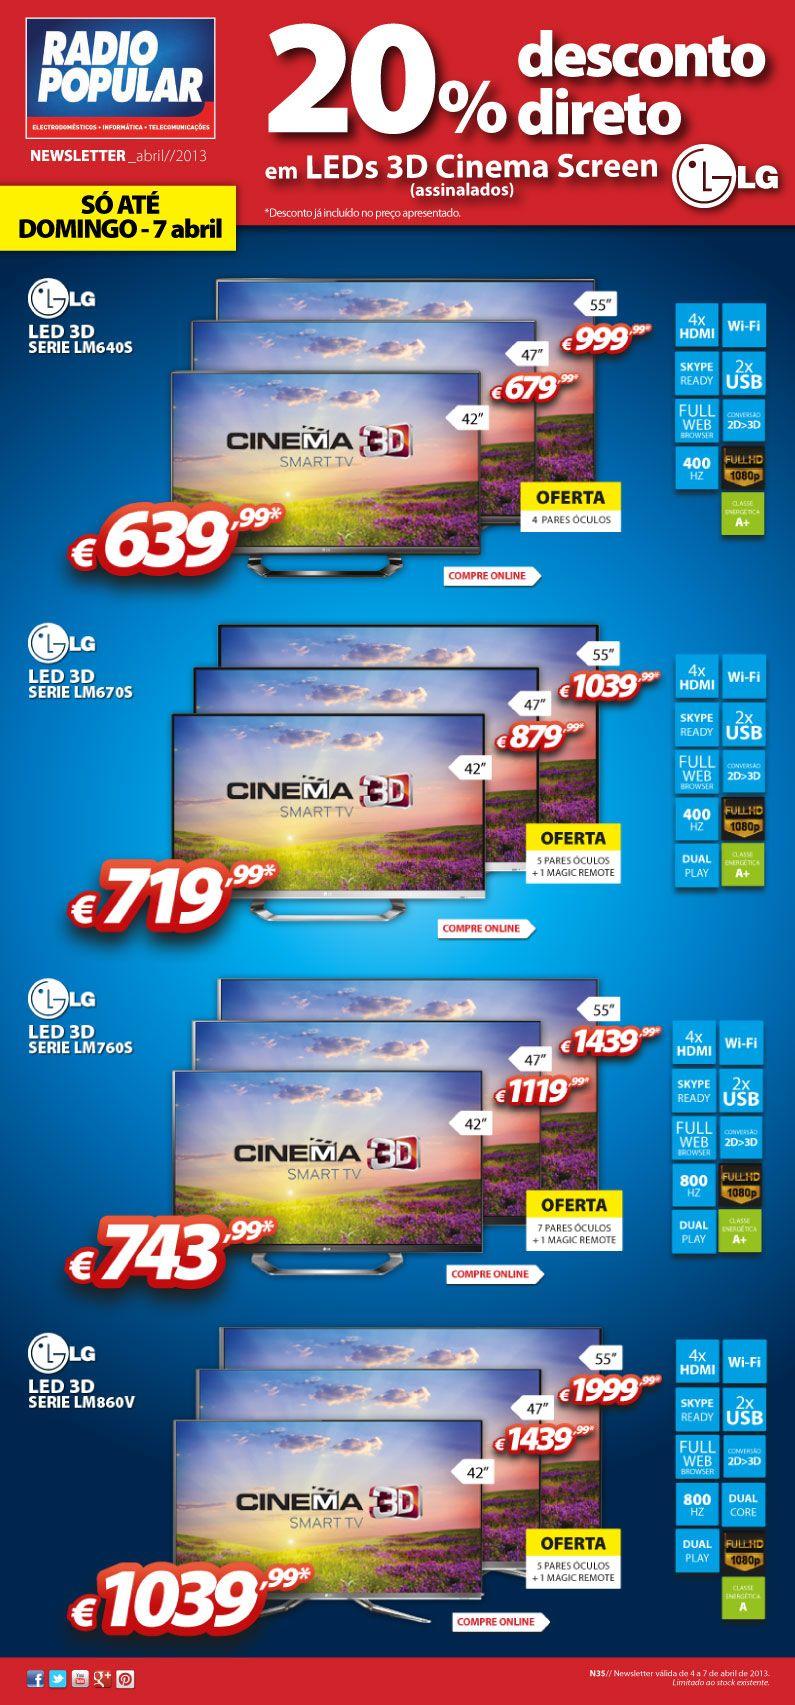 Newsletter - 20% desconto direto em LEDs 3D Cinema Screen LG.  http://www.radiopopular.pt/newsletter/2013/35/